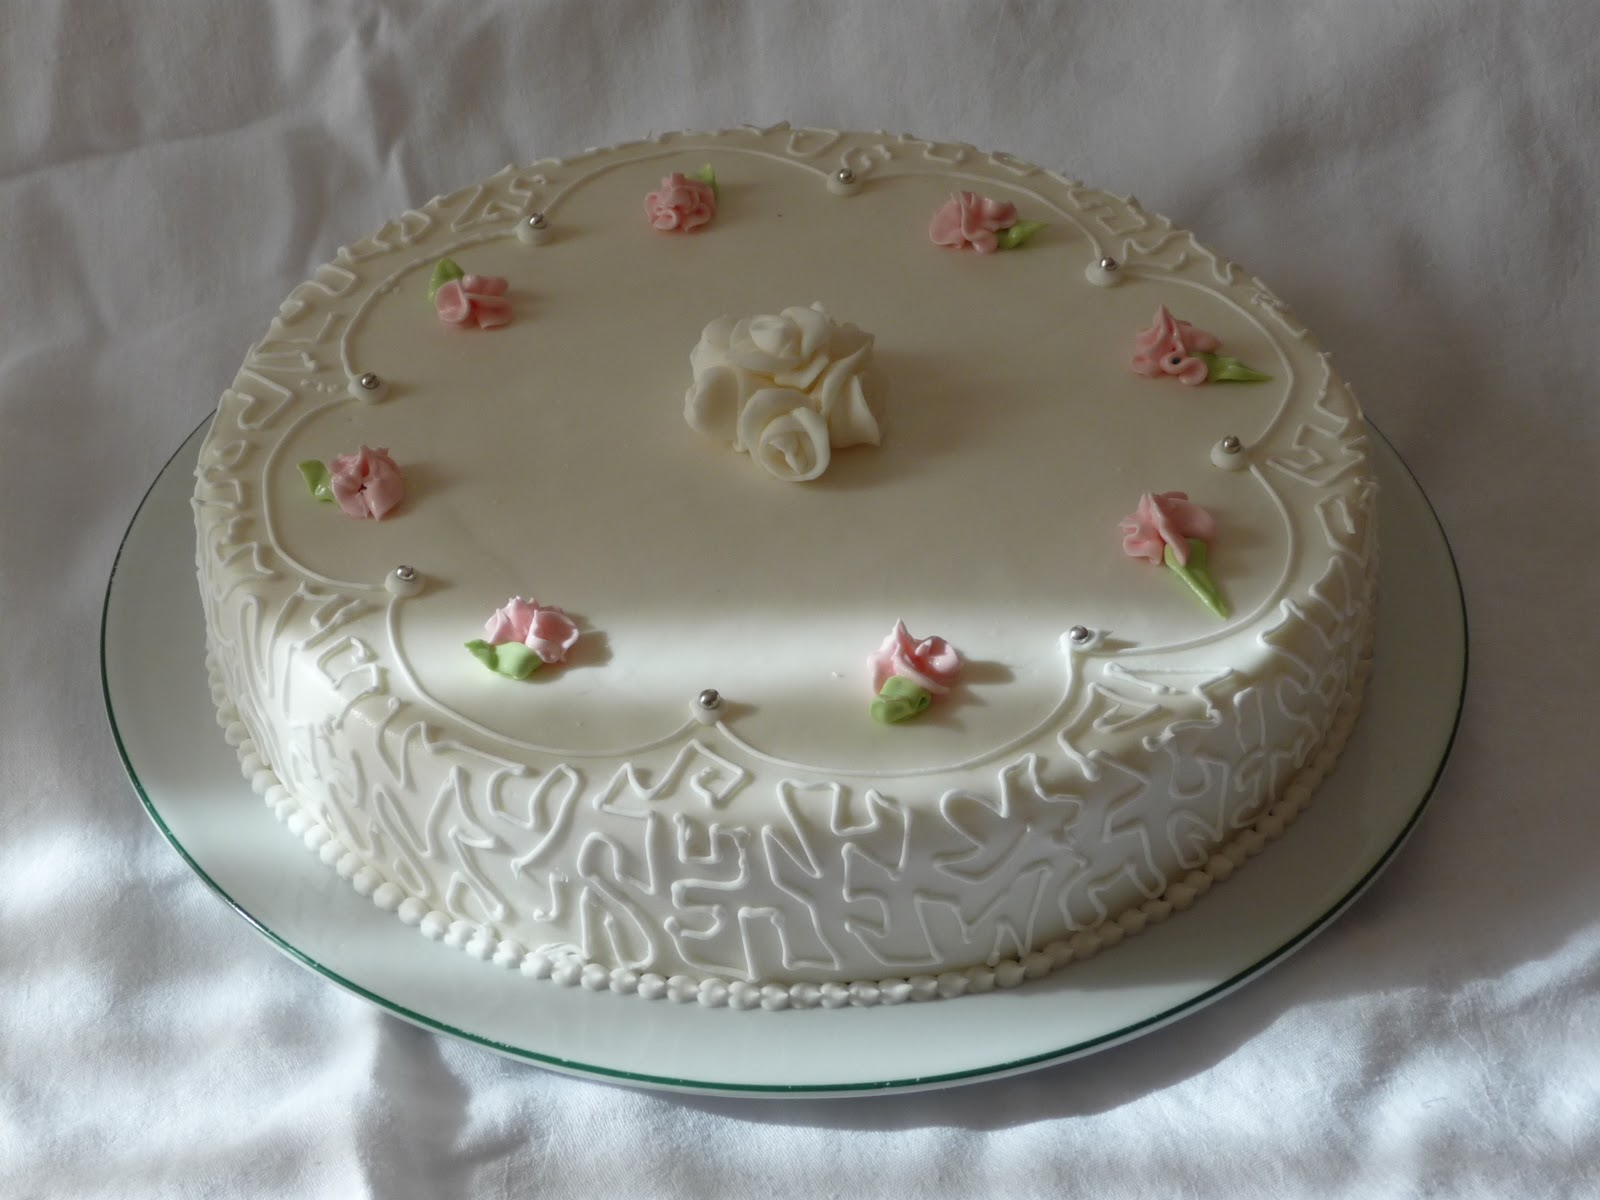 Le torte di ross torta per la s cresima di francesca for Decorazioni torte per cresima